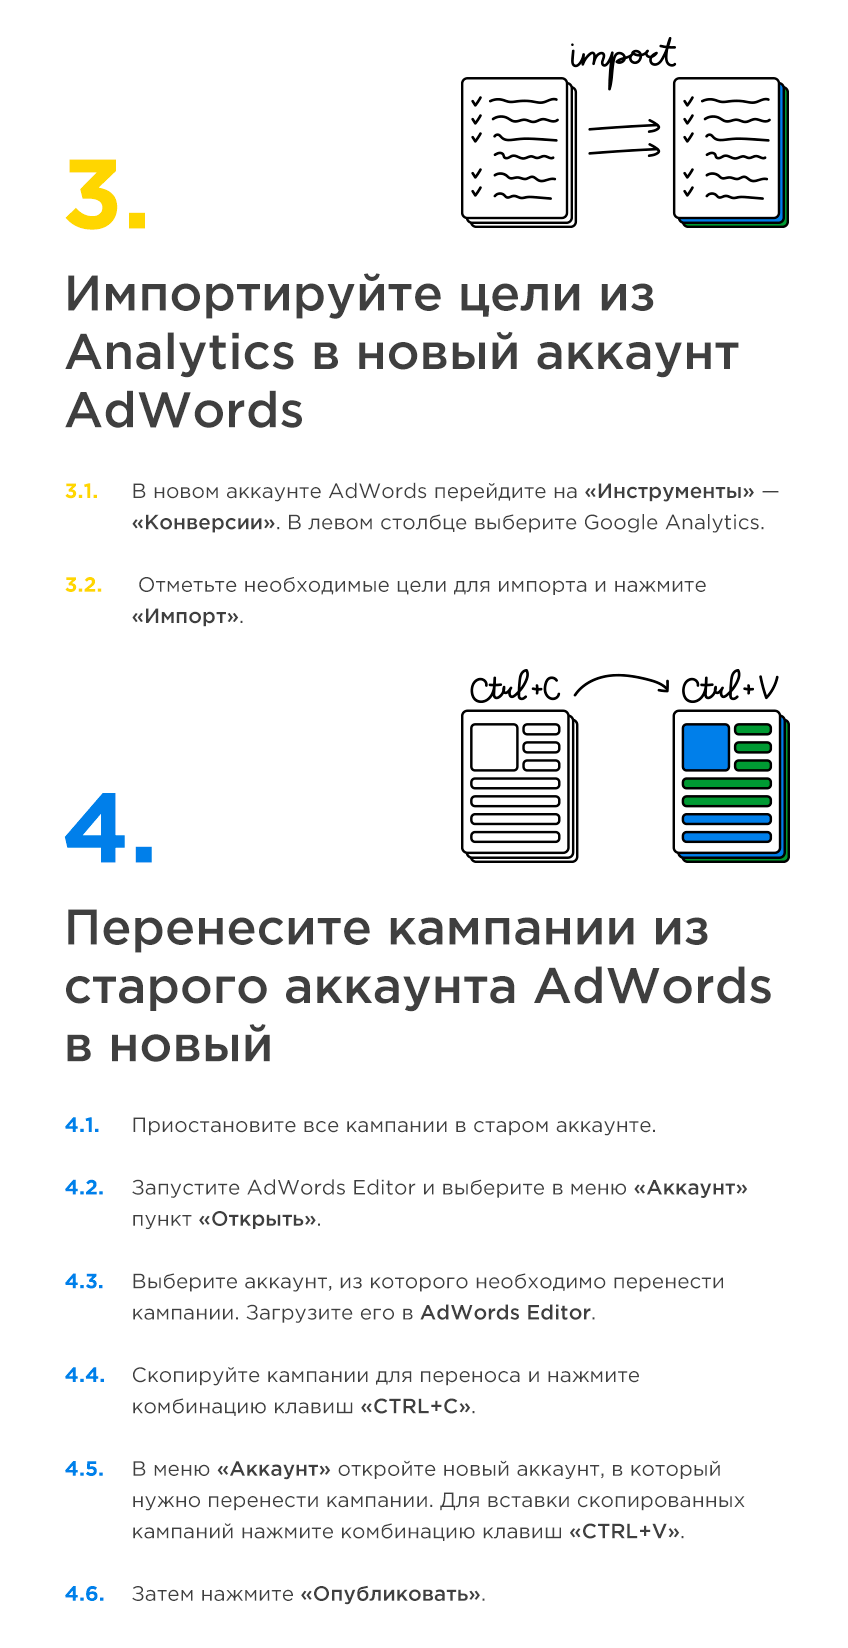 Как импортировать цели из Analytics в новый аккаунт AdWords